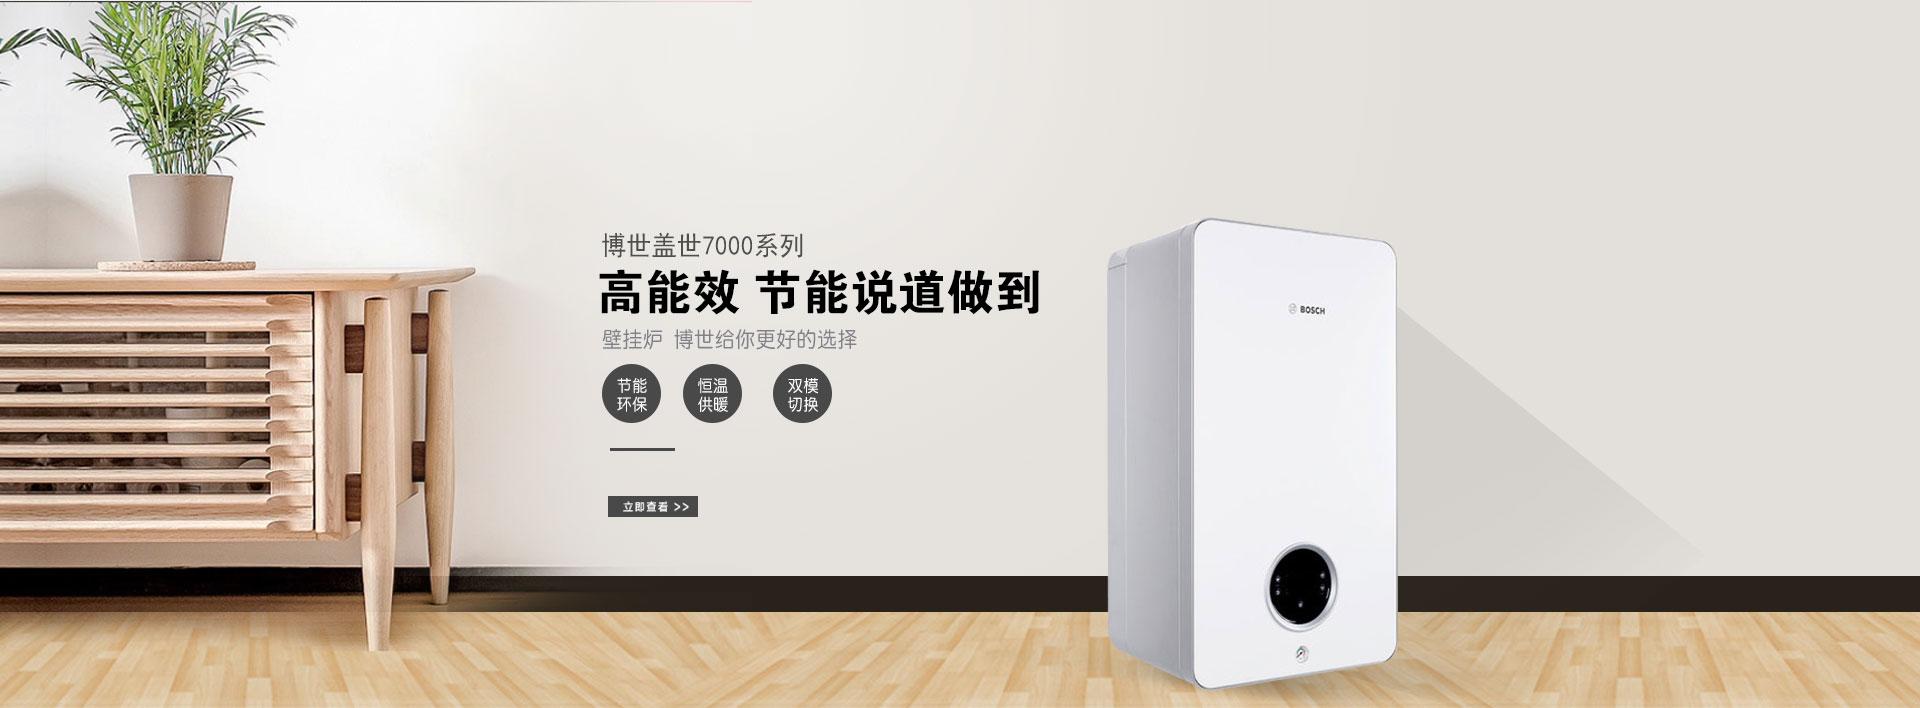 江苏绿城风尚智能科技有限公司